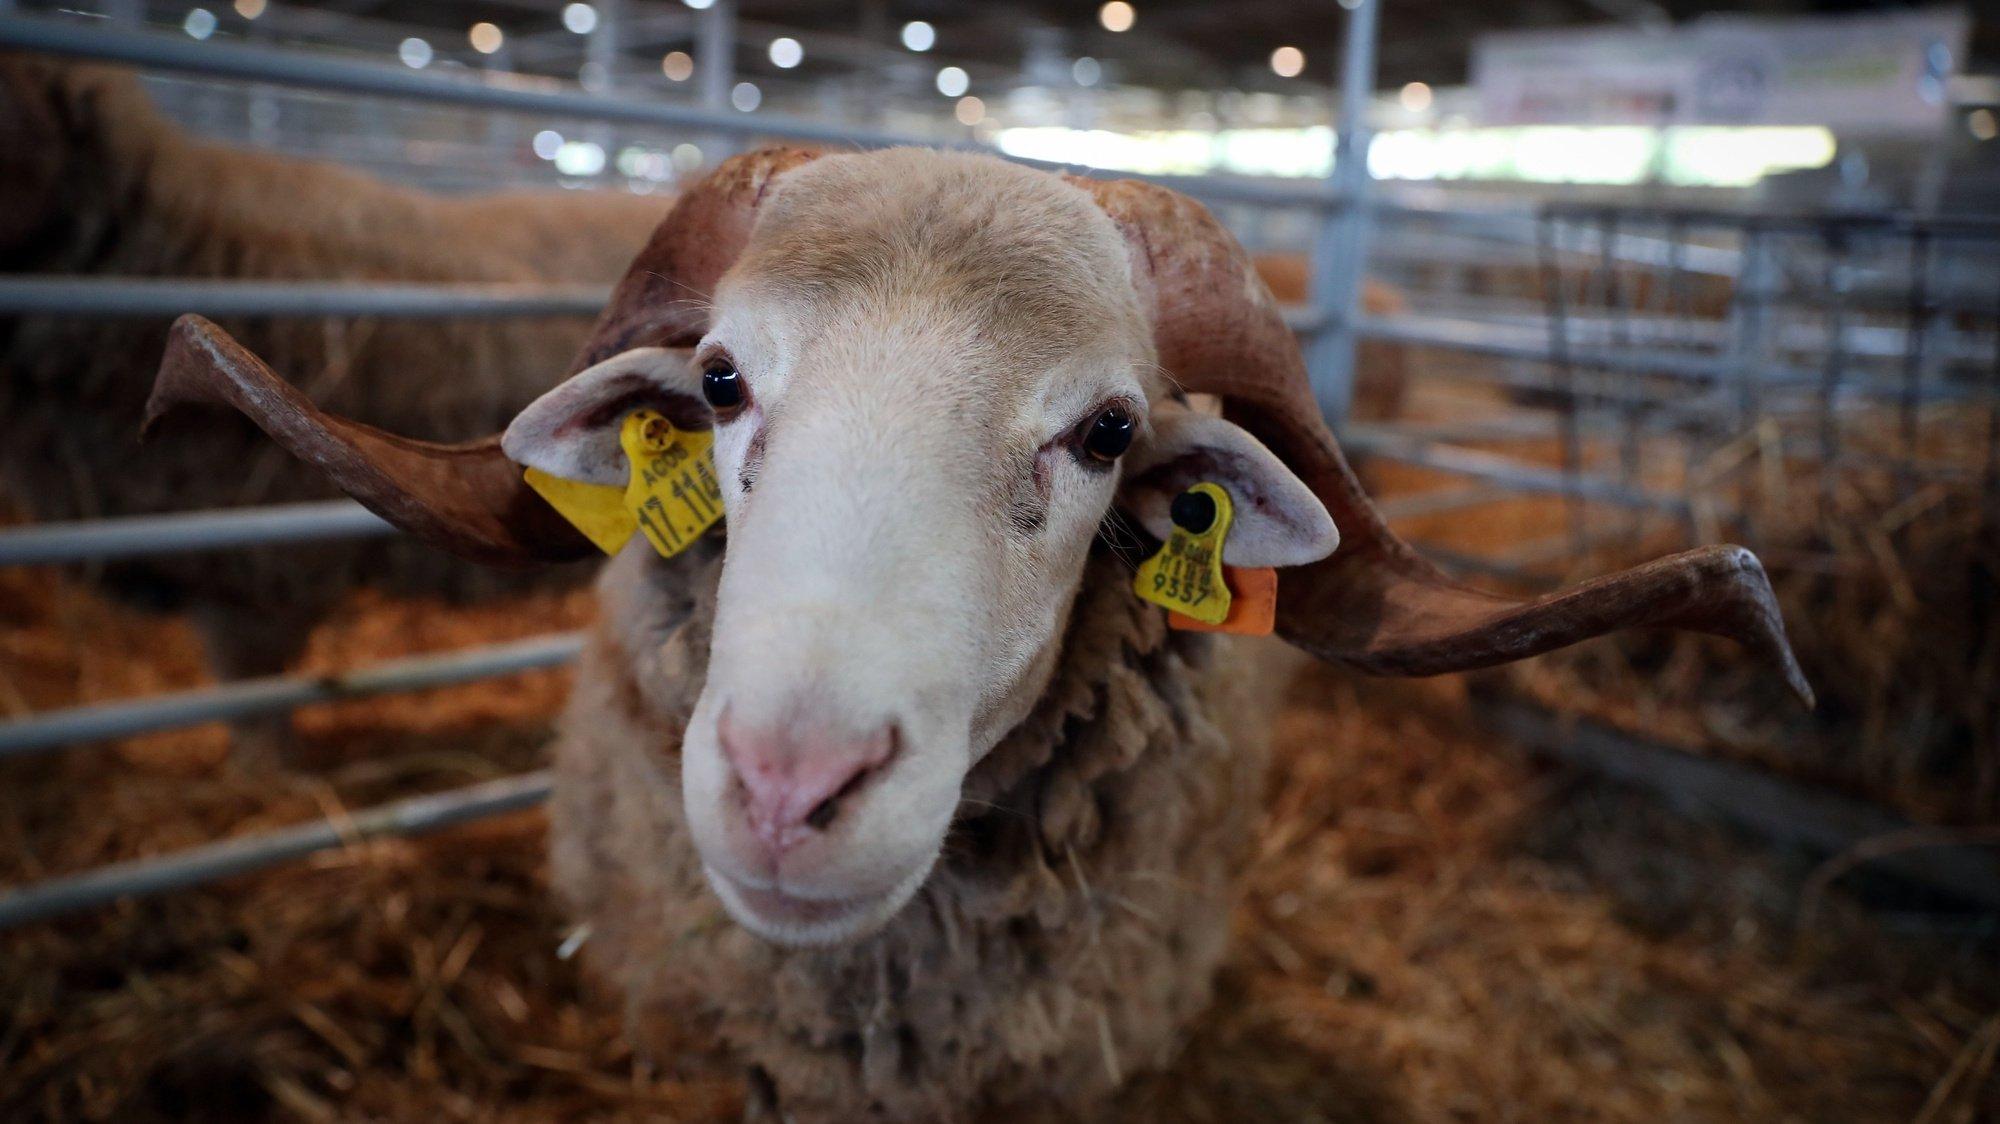 """Animais no pavilhão do gado onde os efeitos das alterações climáticas na agricultura é o tema da edição deste ano da feira agropecuária Ovibeja, que arranca hoje, """"cheia"""" e com """"mais de mil expositores"""" para mostrar """"todo o Alentejo deste mundo"""", Beja, 23 de abril de 2019. De acordo com a ACOS, estão presentes """"mais de mil expositores"""" de diversos setores de atividade e distribuídos por vários pavilhões instalados numa área de 10 hectares do parque. (ACOMPANHA TEXTO DE 24 DE ABRIL DE 2019). NUNO VEIGA/LUSA"""